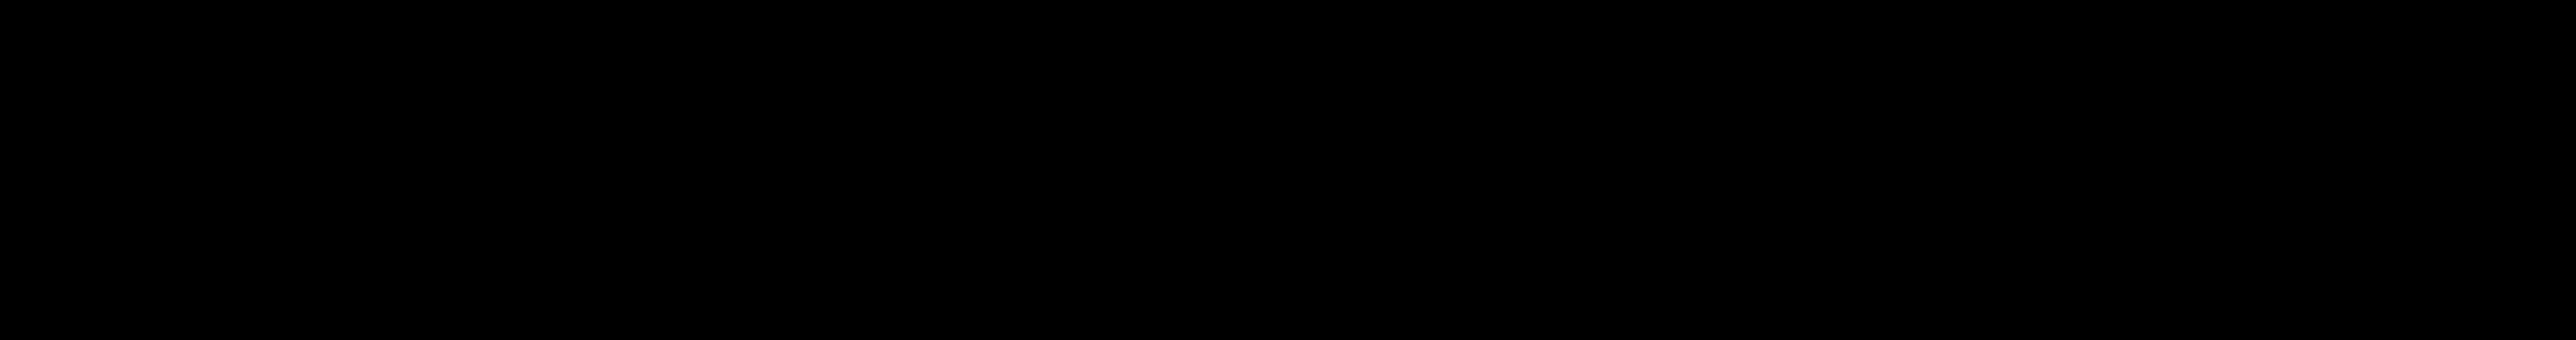 info01_Zeichenfläche 1